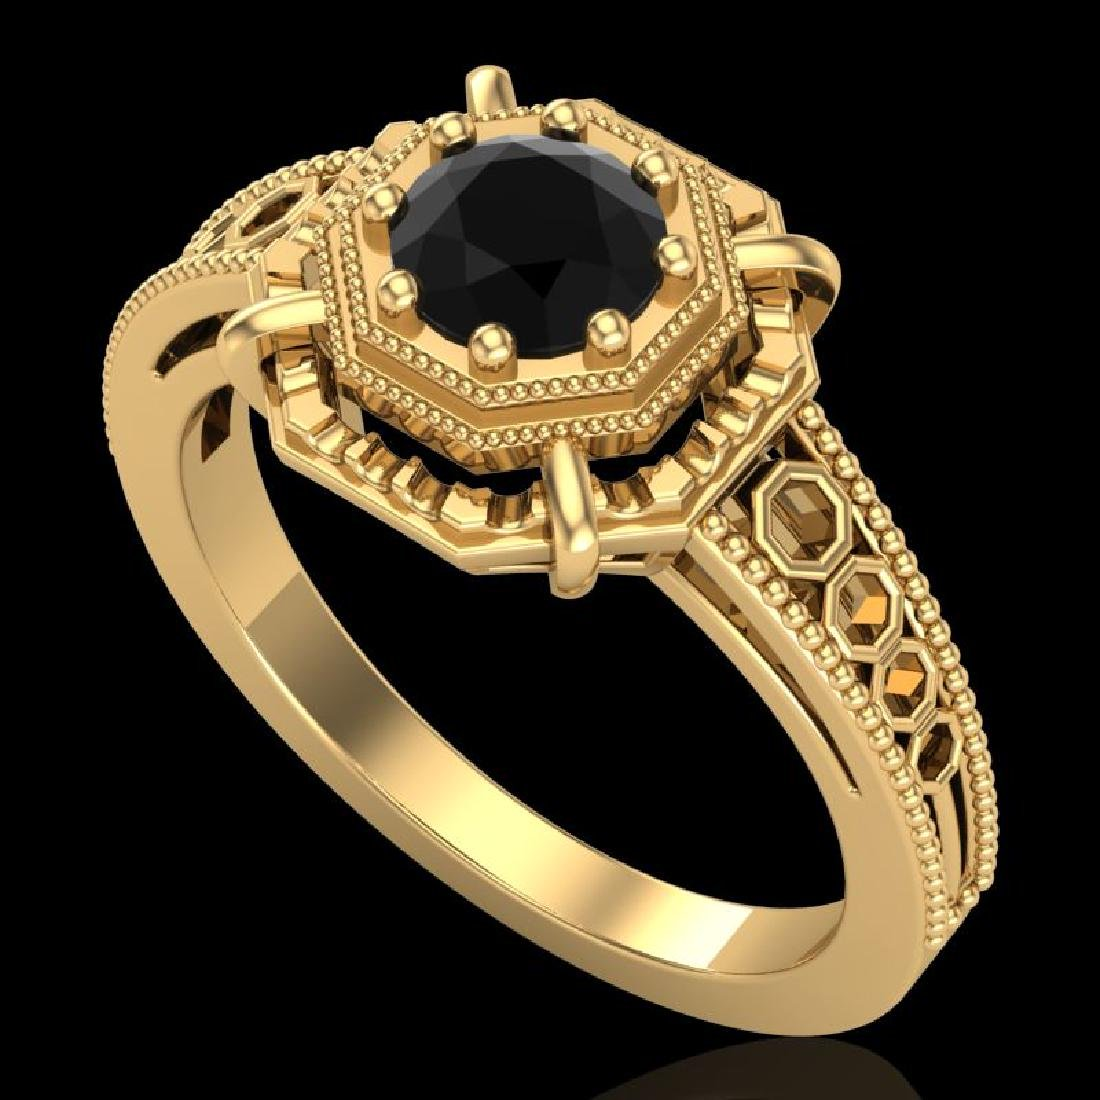 0.53 CTW Fancy Black Diamond Solitaire Engagement Art